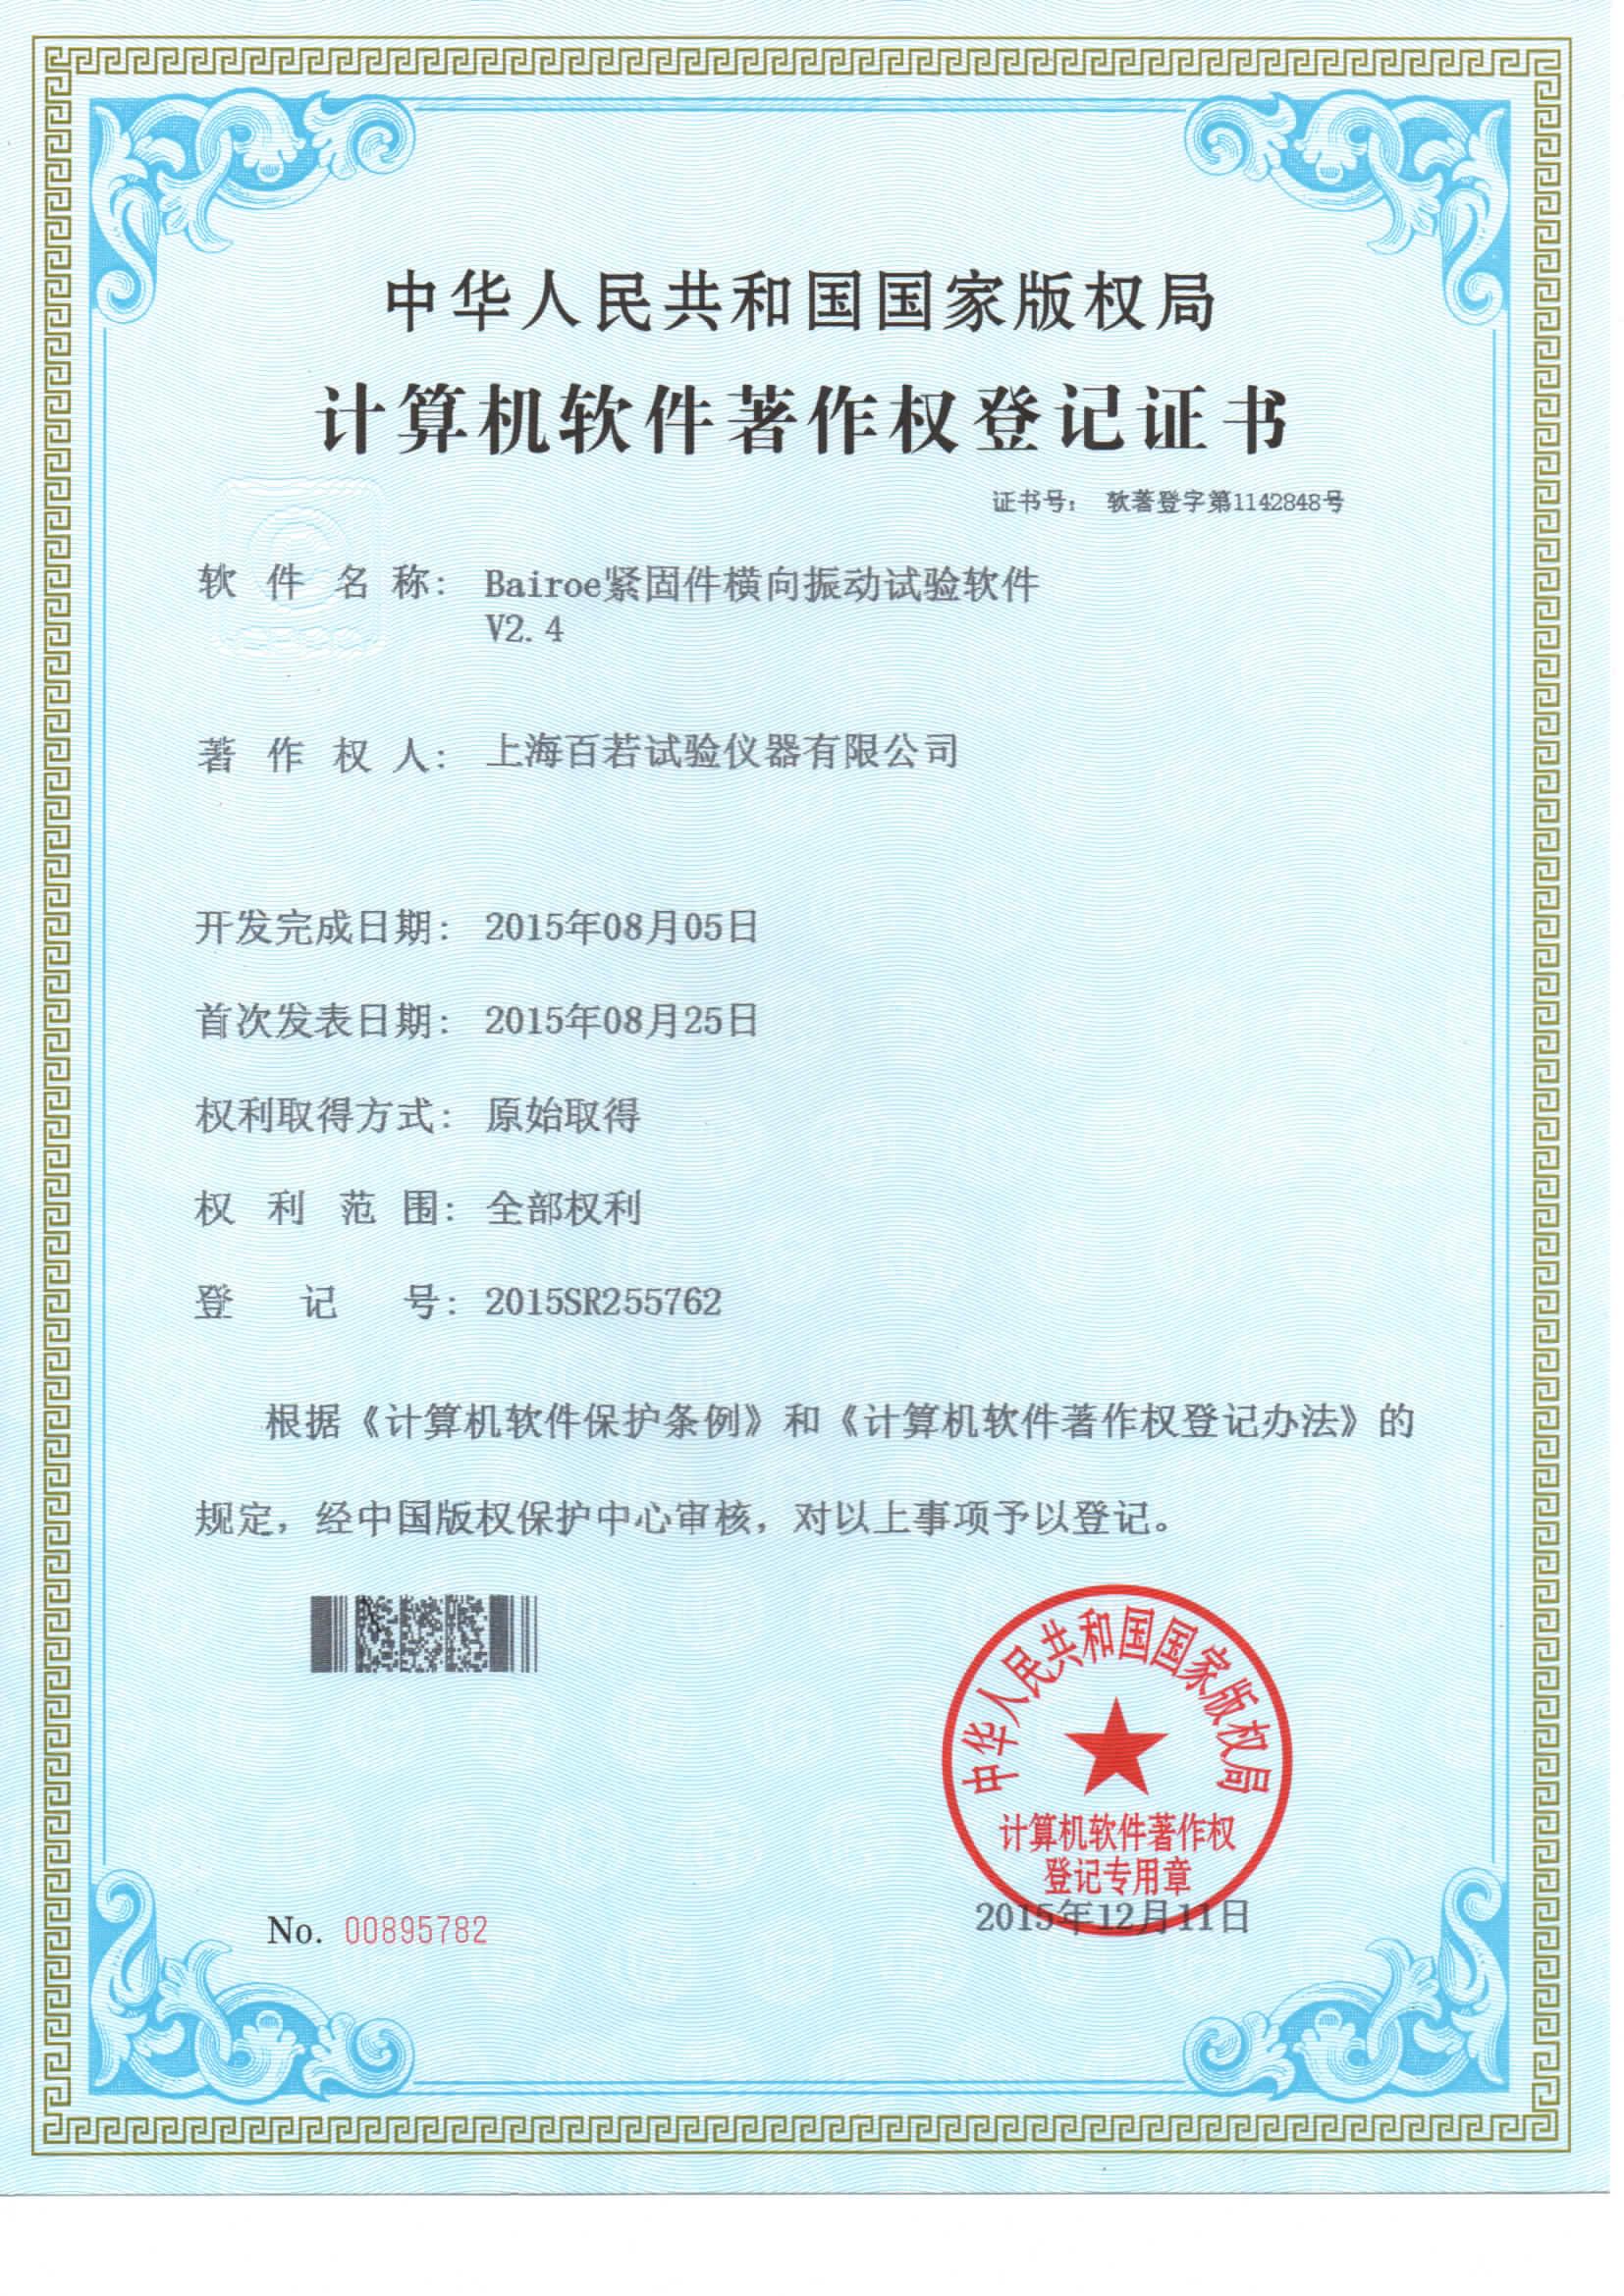 紧固件横向振动-计算机软件著作权登记证书